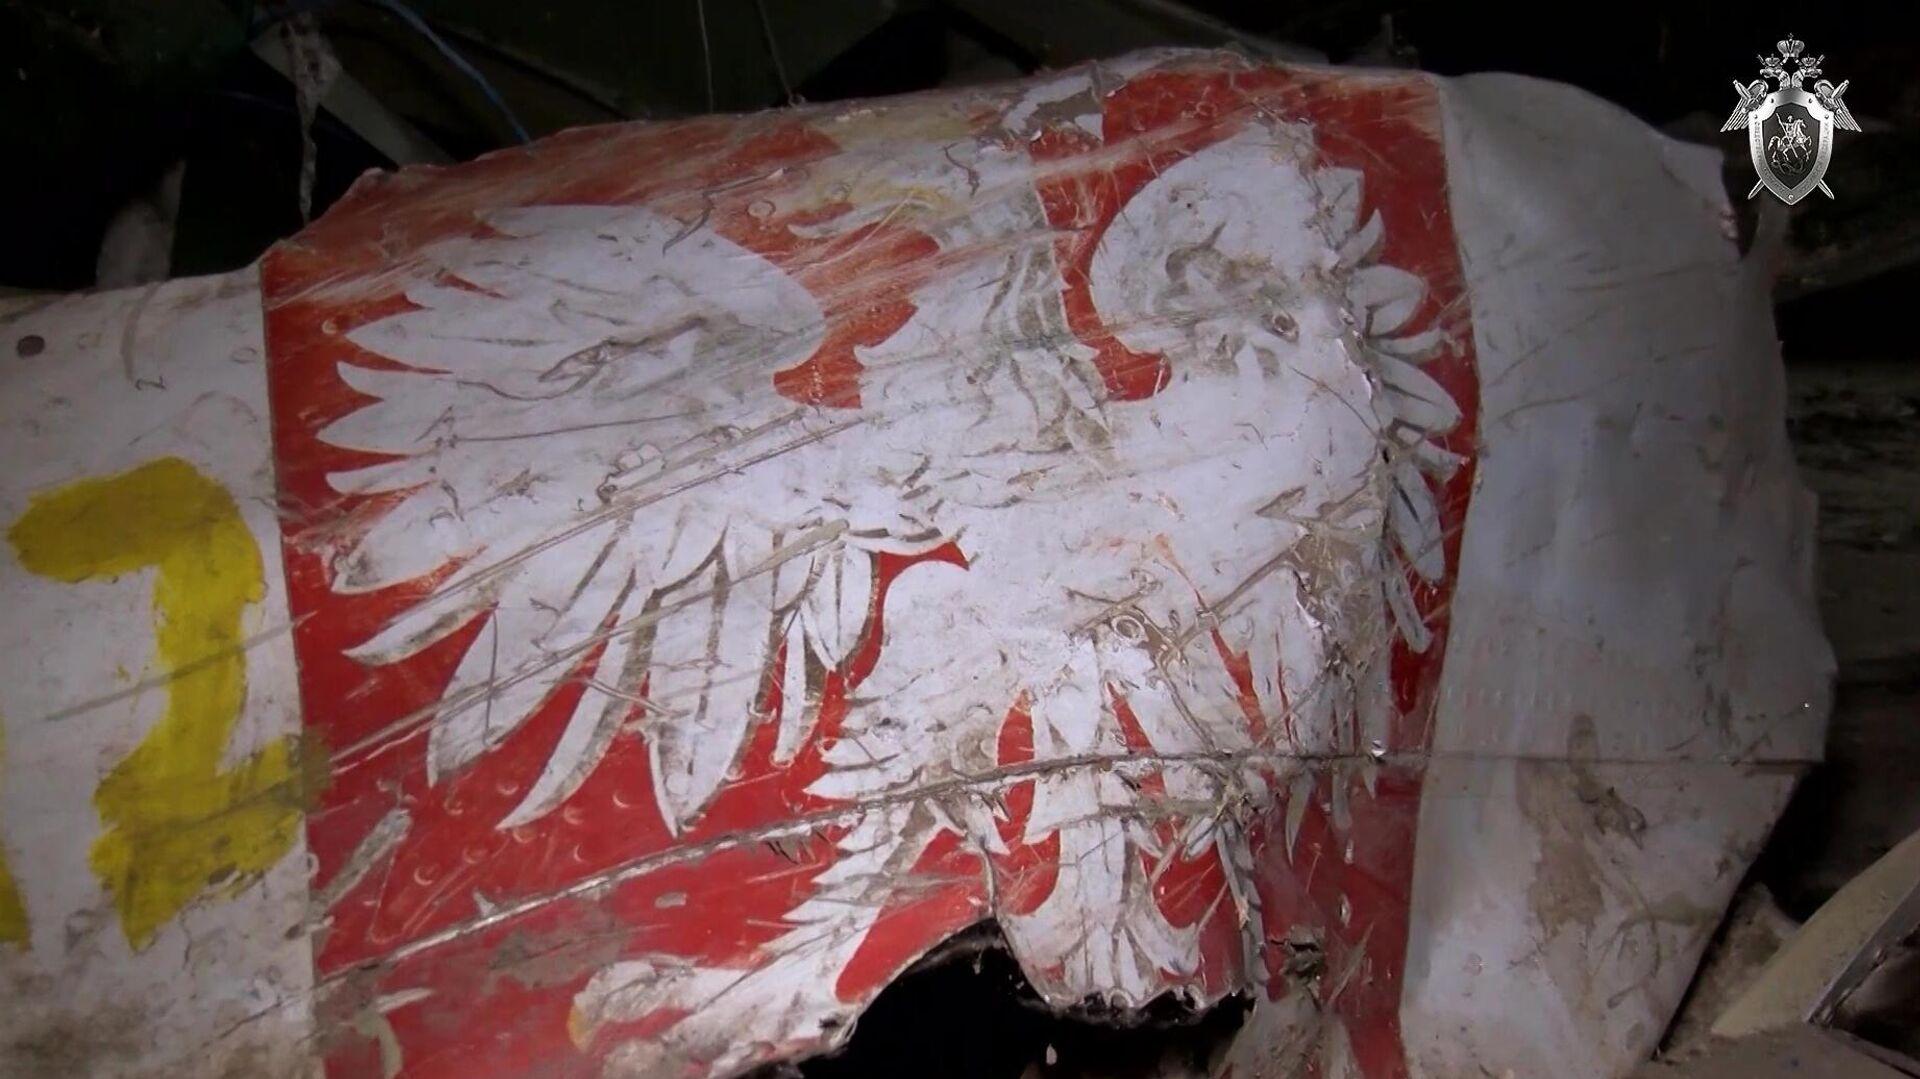 Обломки самолета Ту-154М, изъятые в ходе осмотра места происшествия и признанные вещественными доказательствами по уголовному делу  - РИА Новости, 1920, 25.11.2020